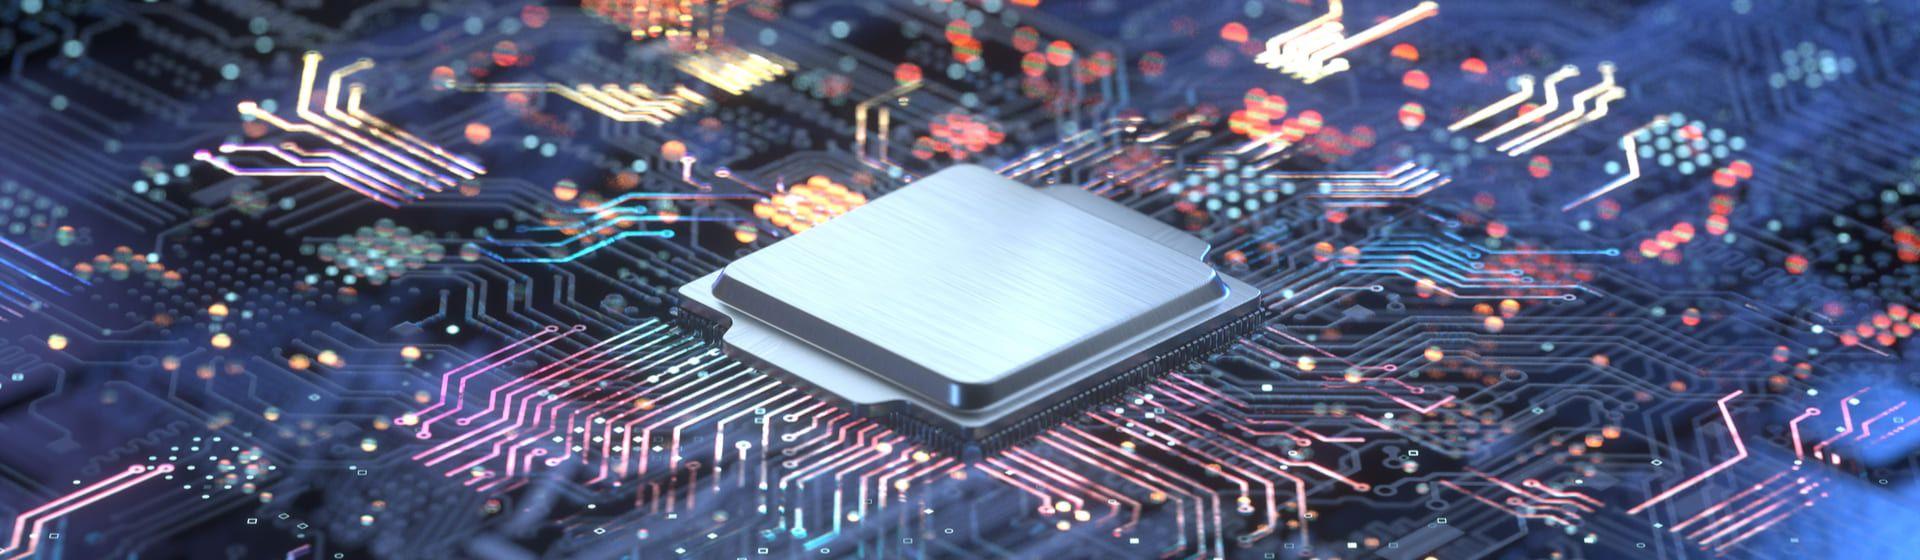 Melhor processador para PC em 2021; veja top 11